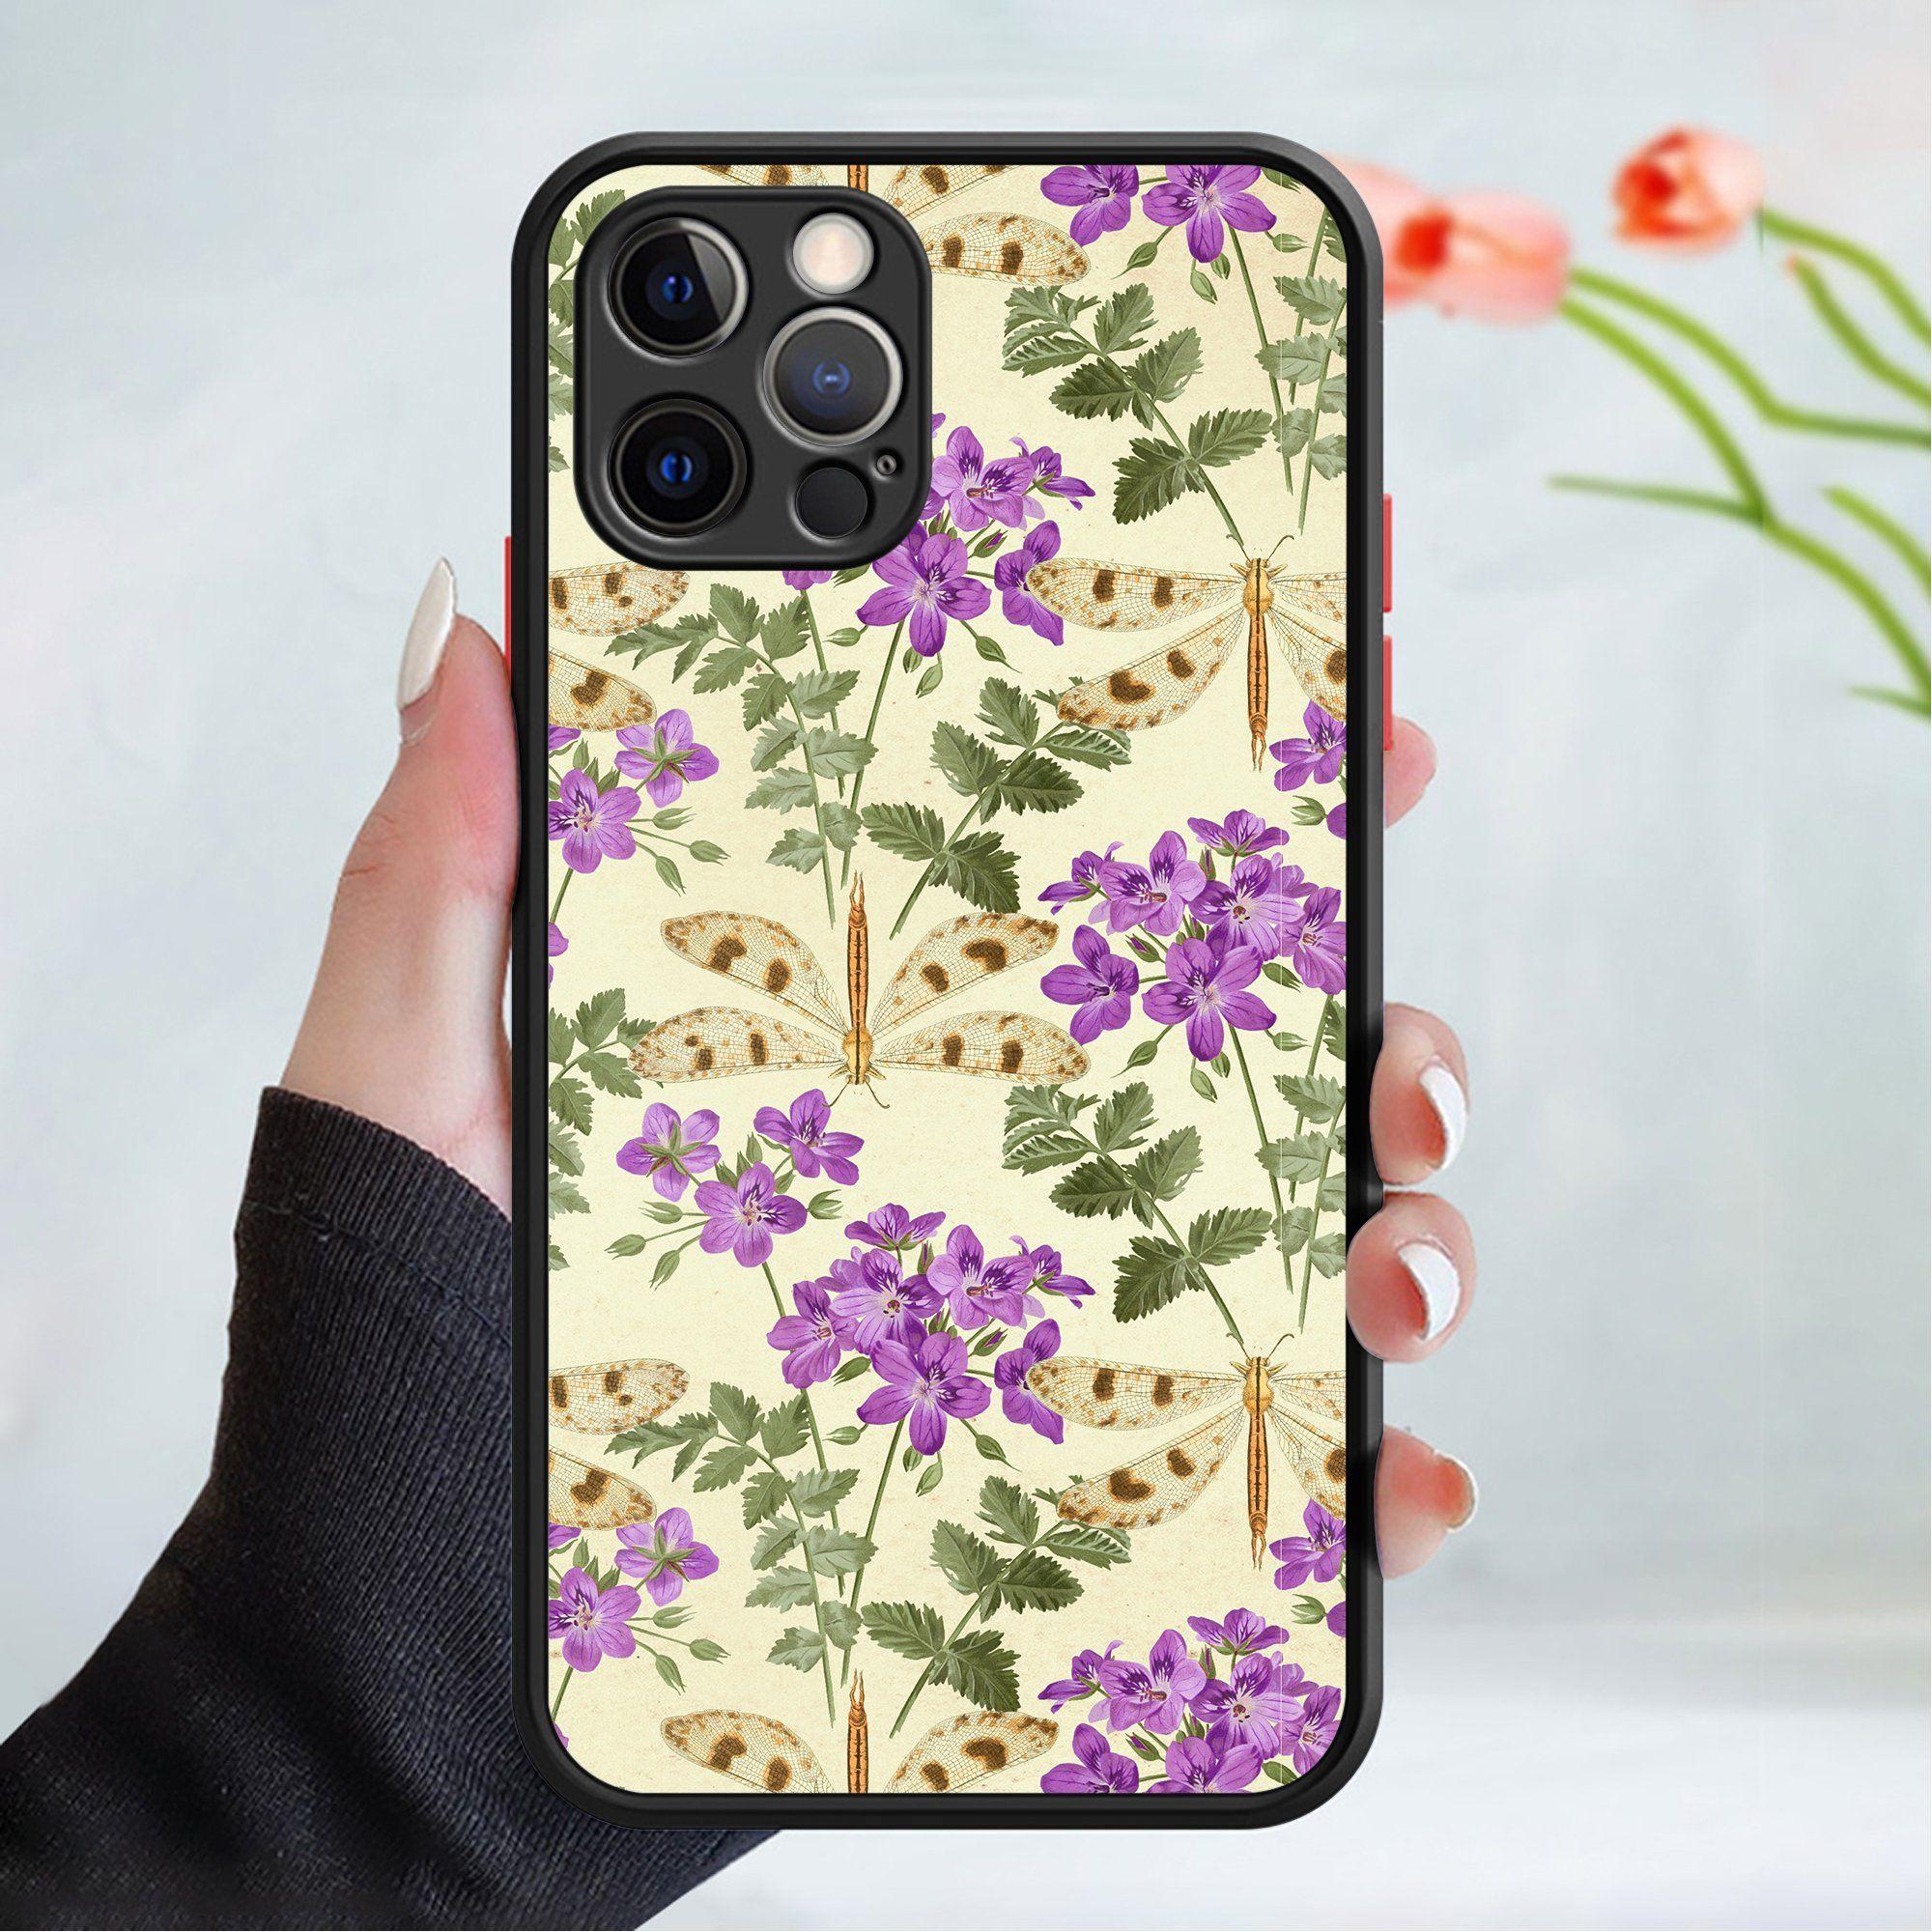 530+Flower wallpaper phone case cover 202 Black Apple Models Only   5